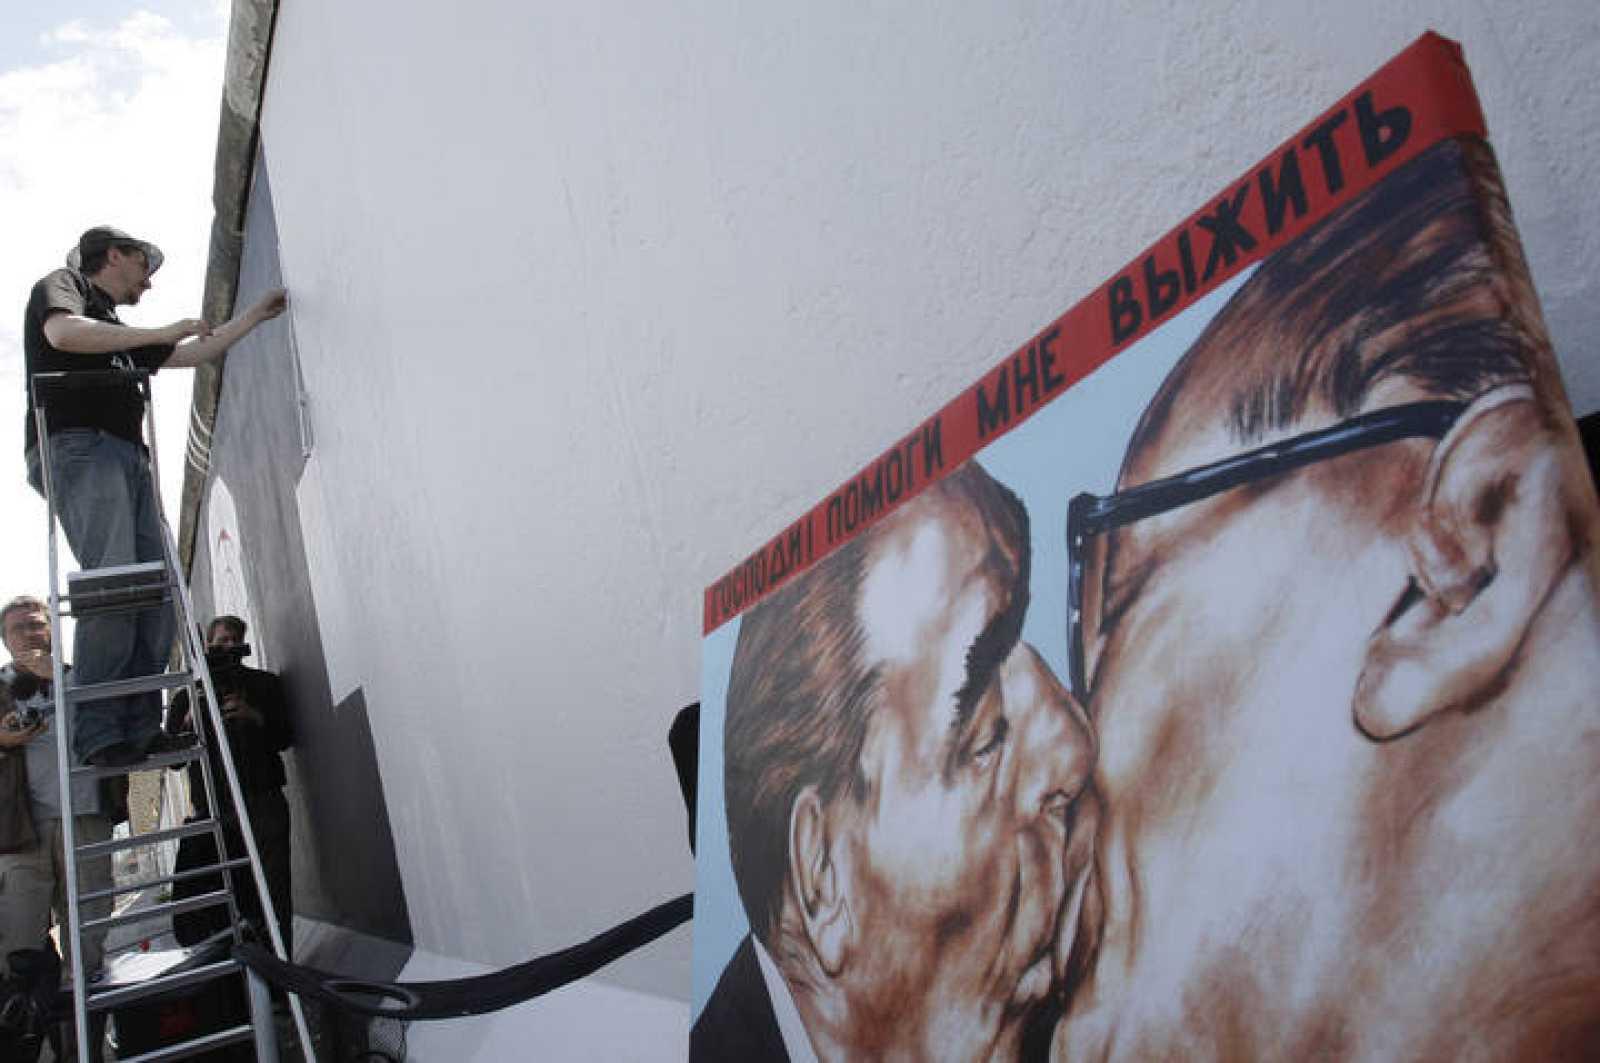 Russian artist Dmitry Vrubel starts work in Berlin